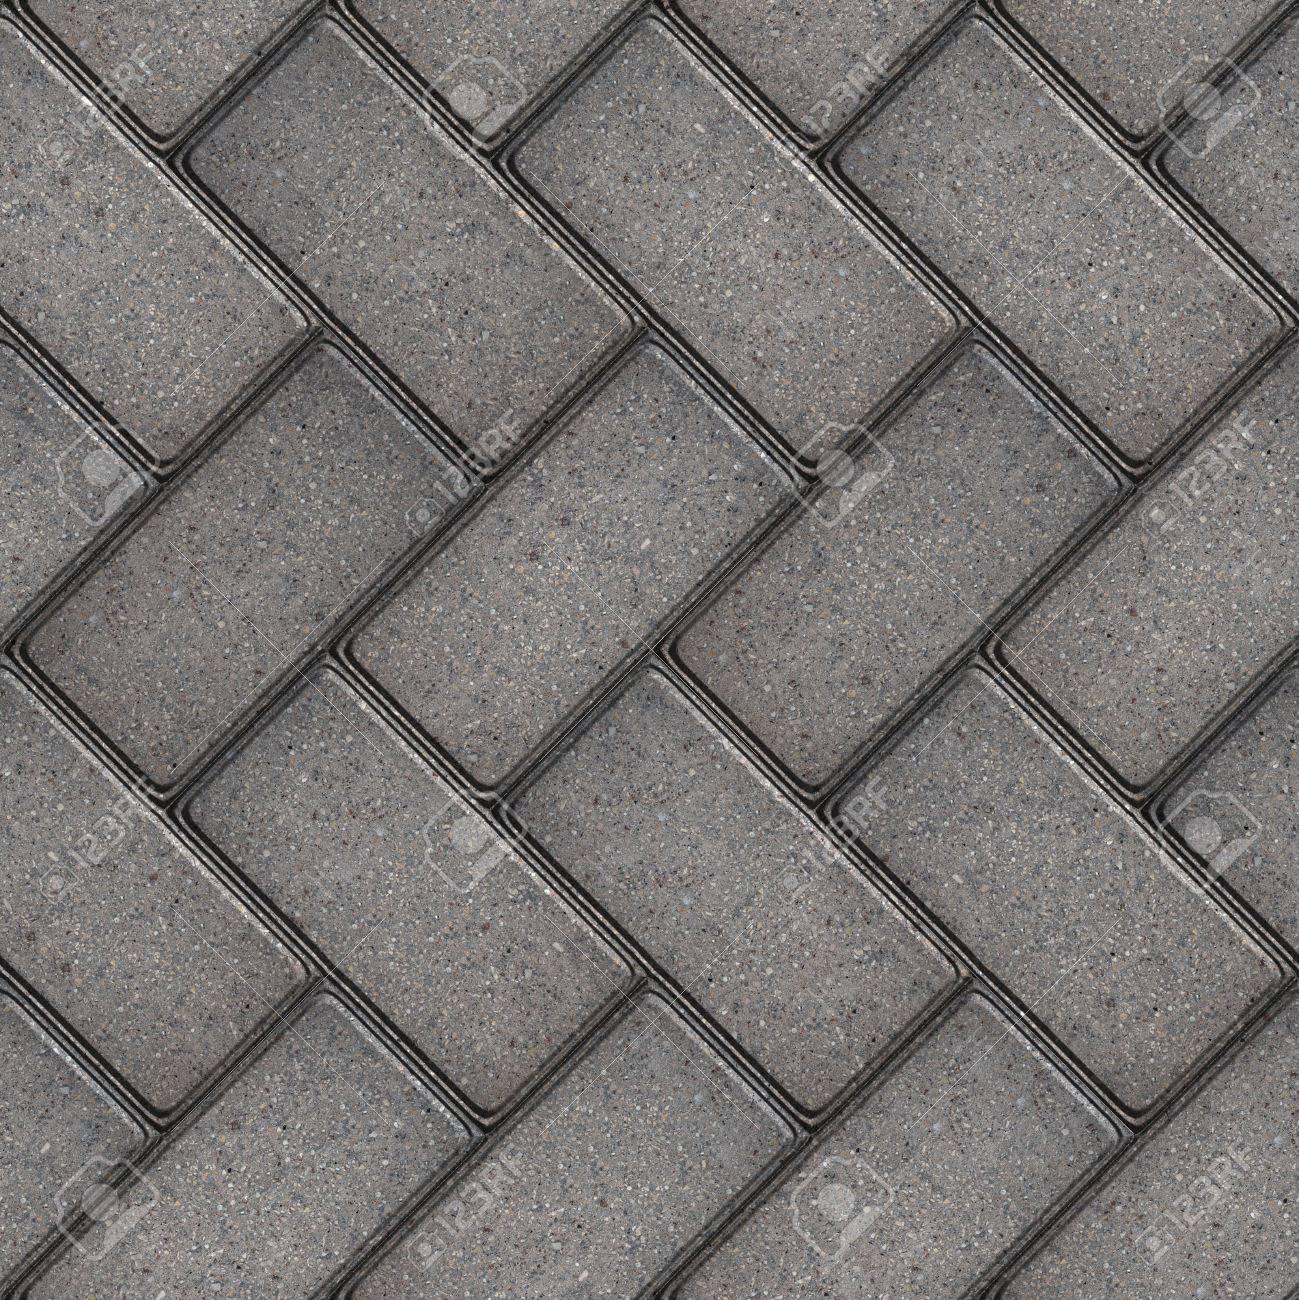 Parkett textur grau  Grau Rechteckig Pavement Als Parkett Seamless Texture Tileable ...